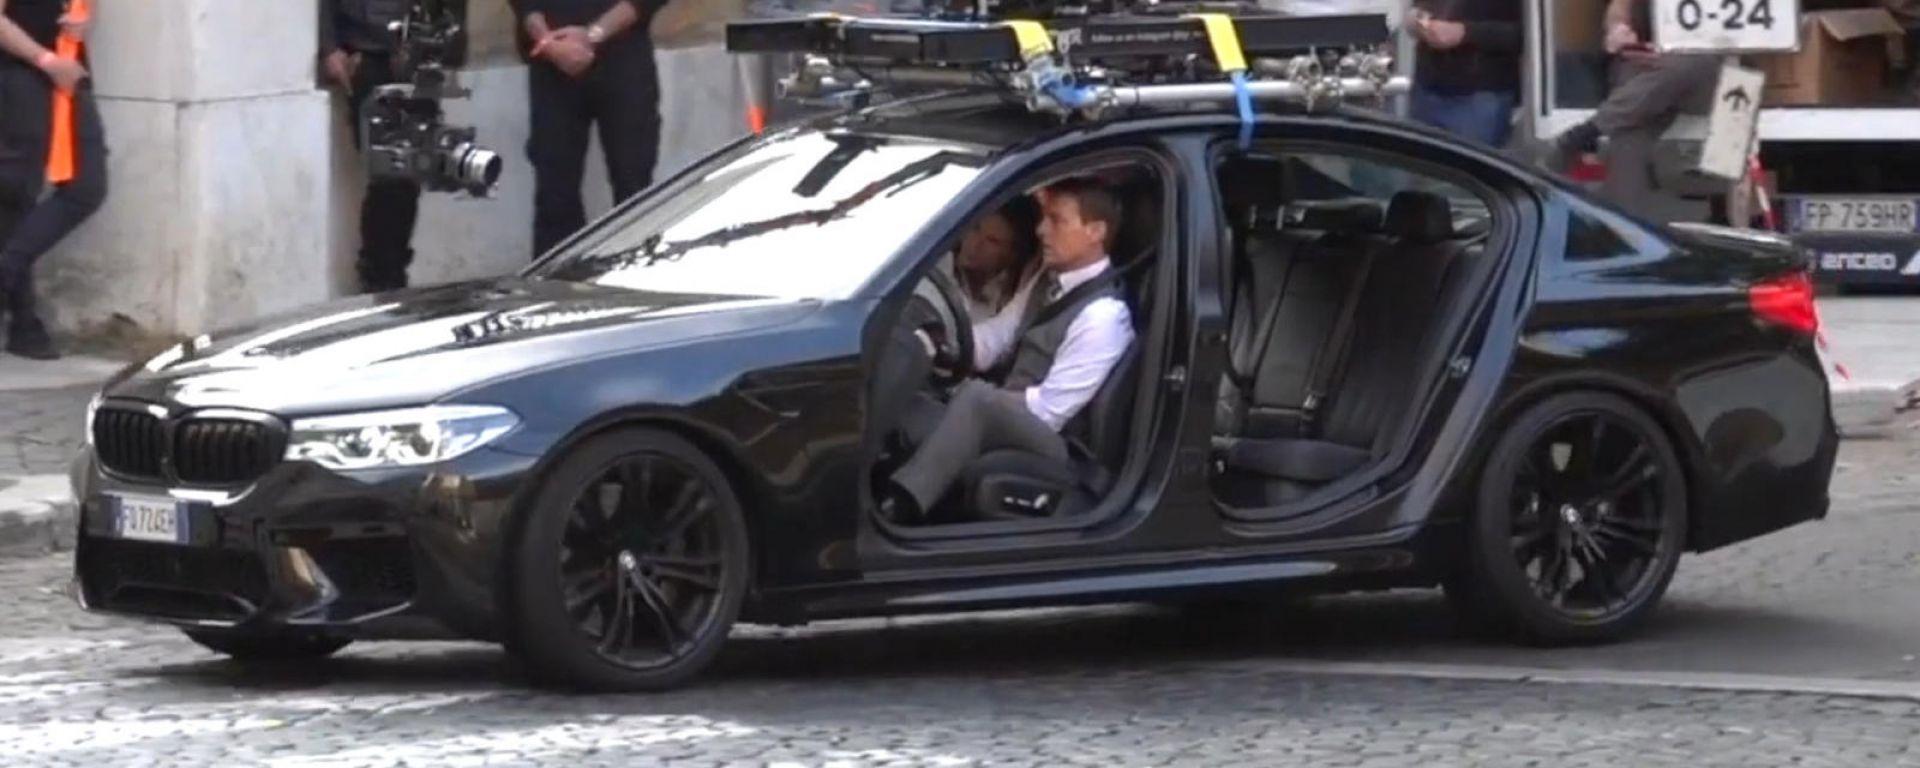 Mission Impossible 7: Tom Cruise e la BMW M5 a Roma